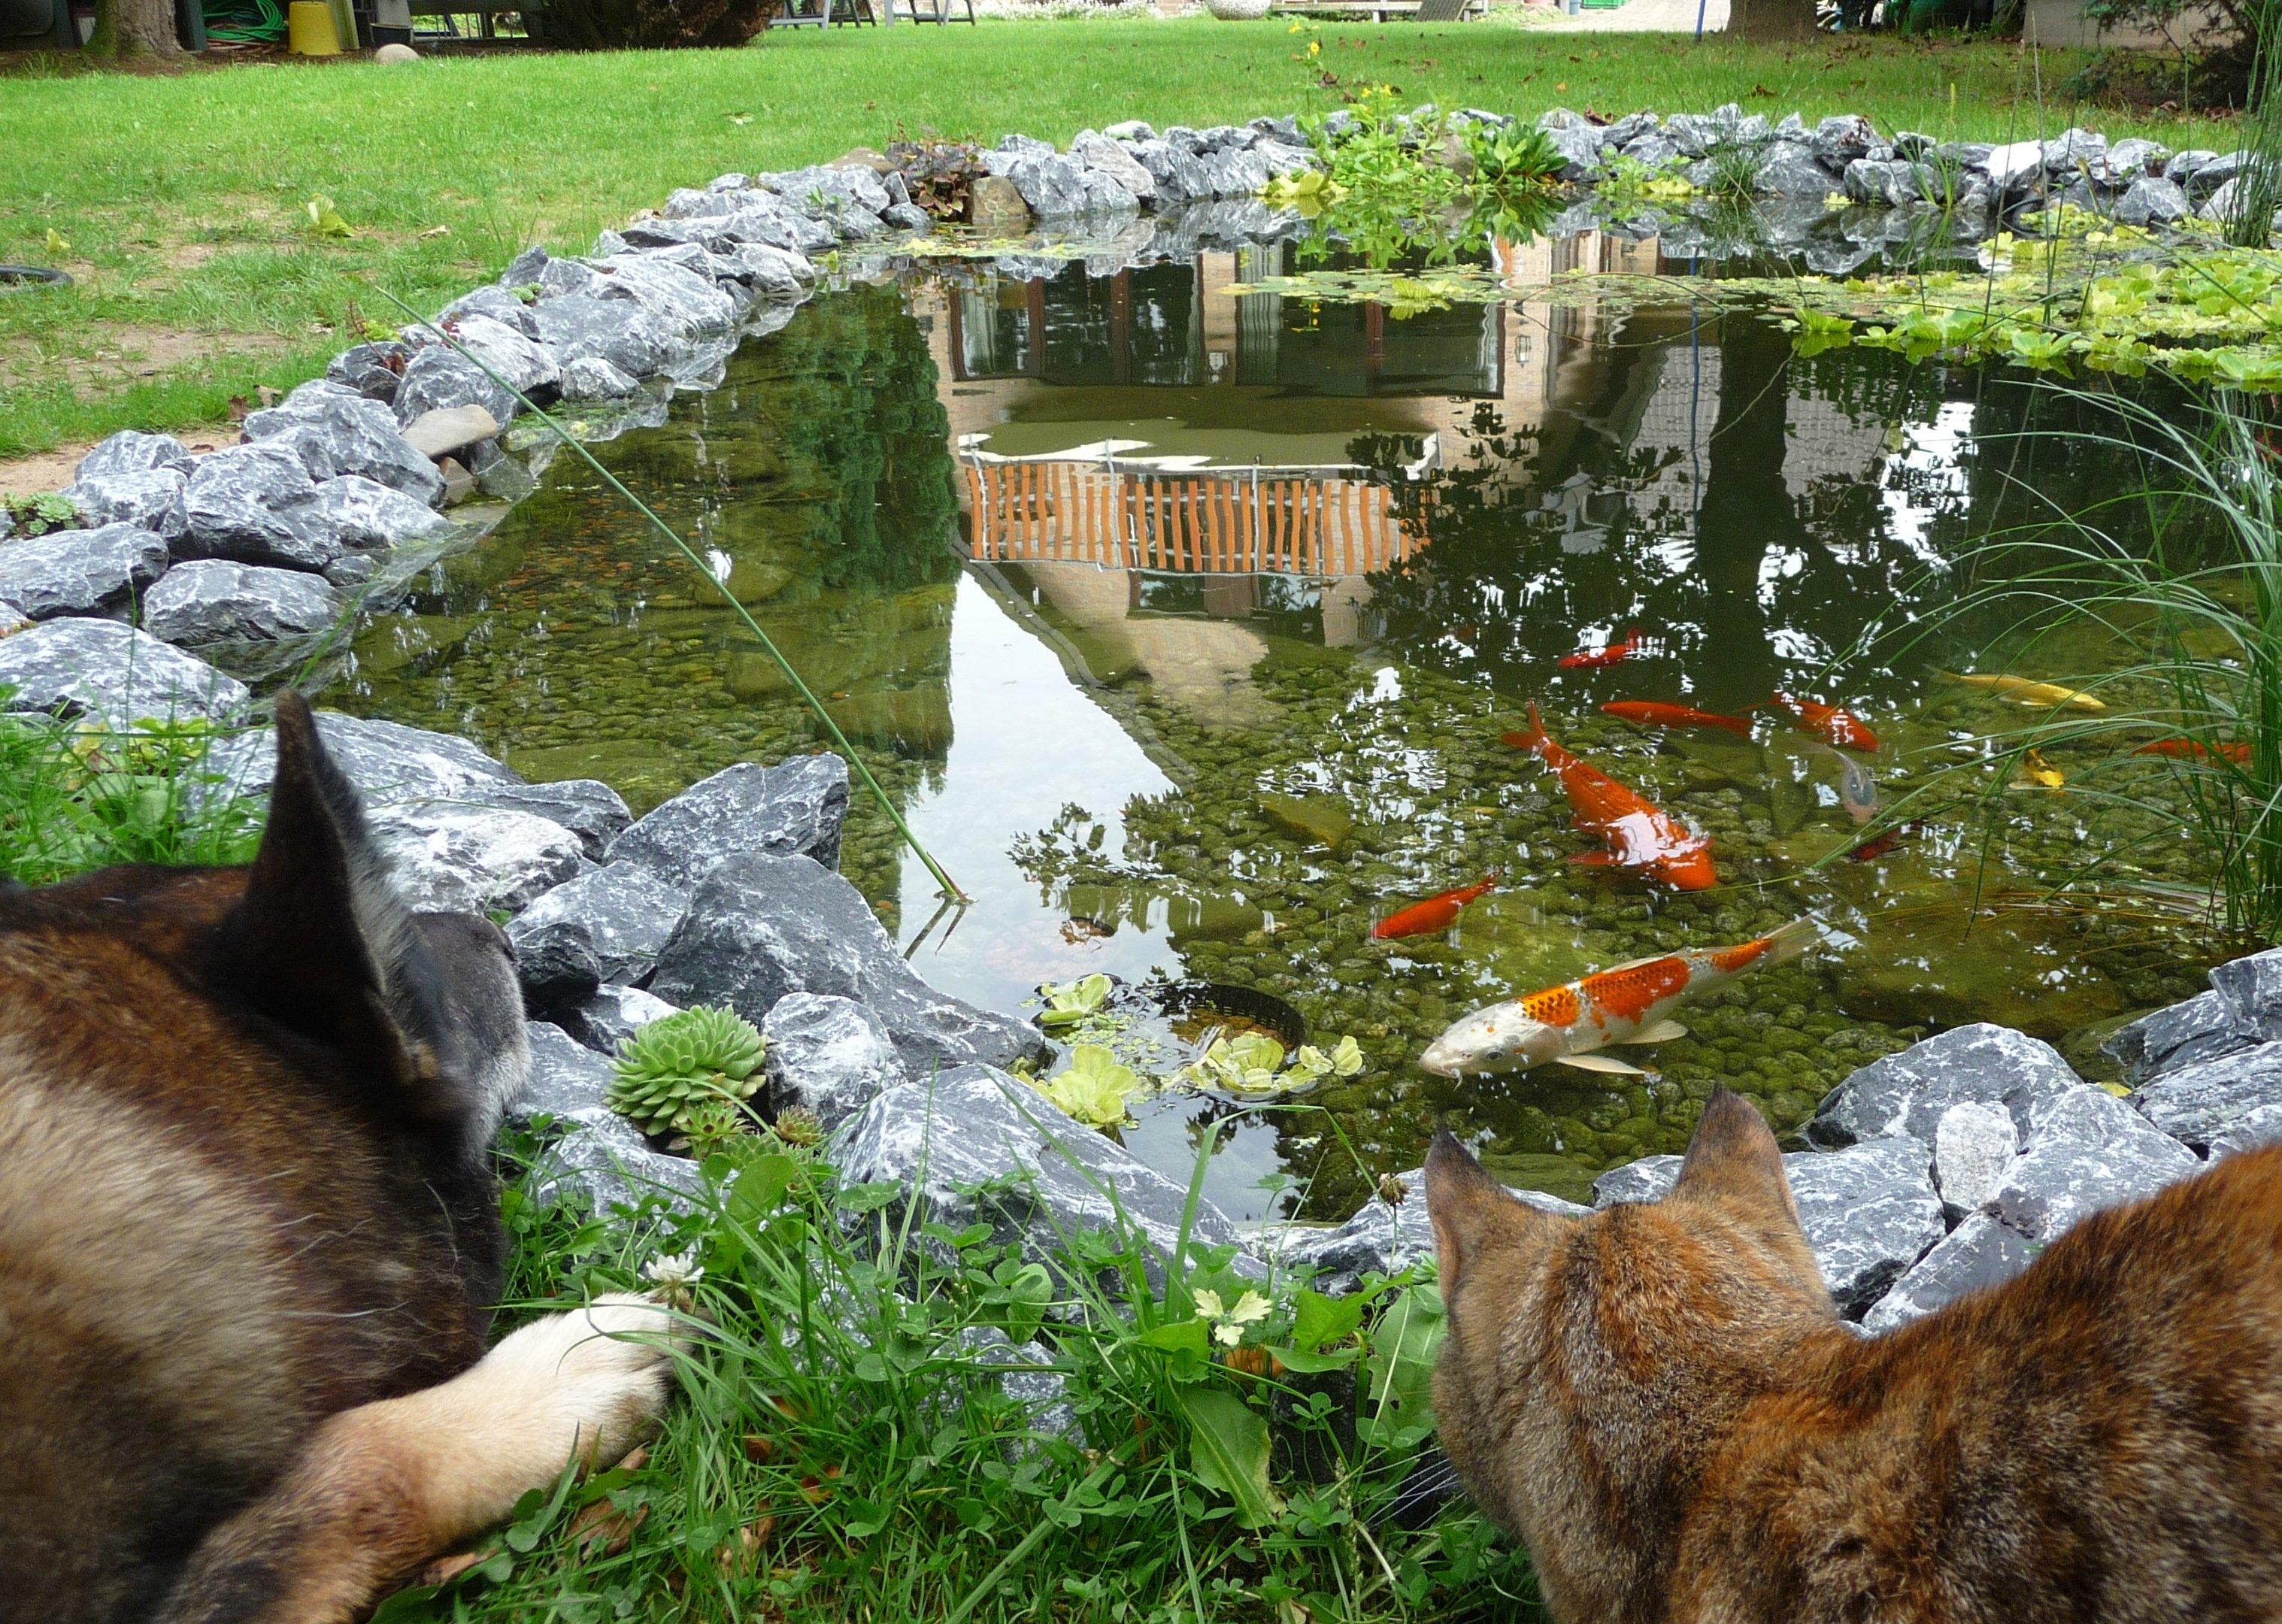 Nieuwe vijver maken kralenkwarts blog for Vissen vijver